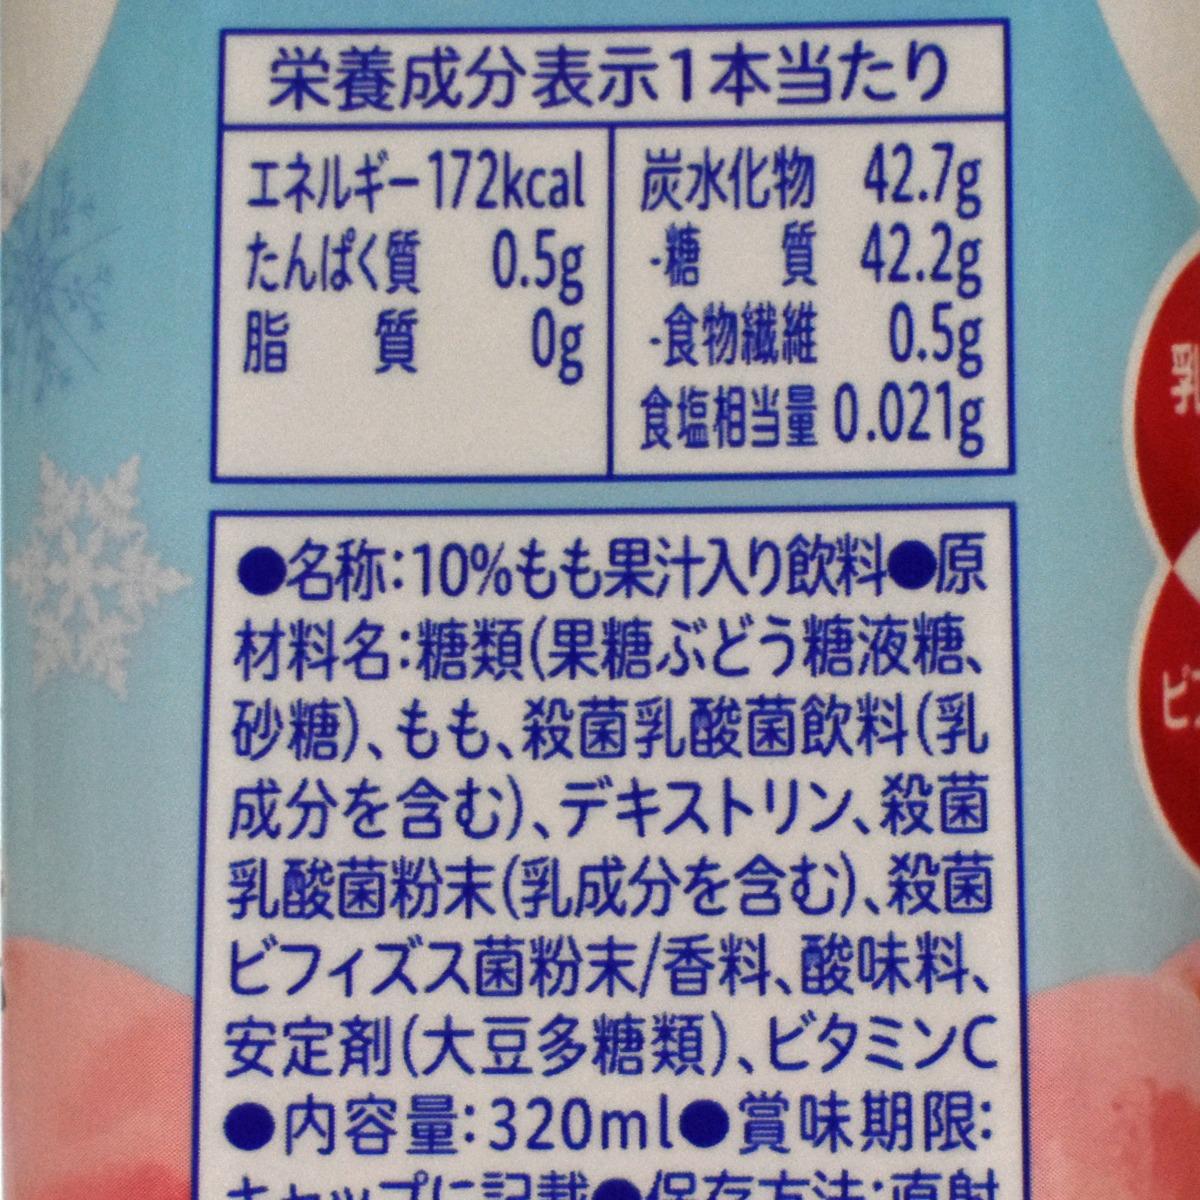 不二家ネクタープラス乳酸菌の原材料名と栄養成分表示